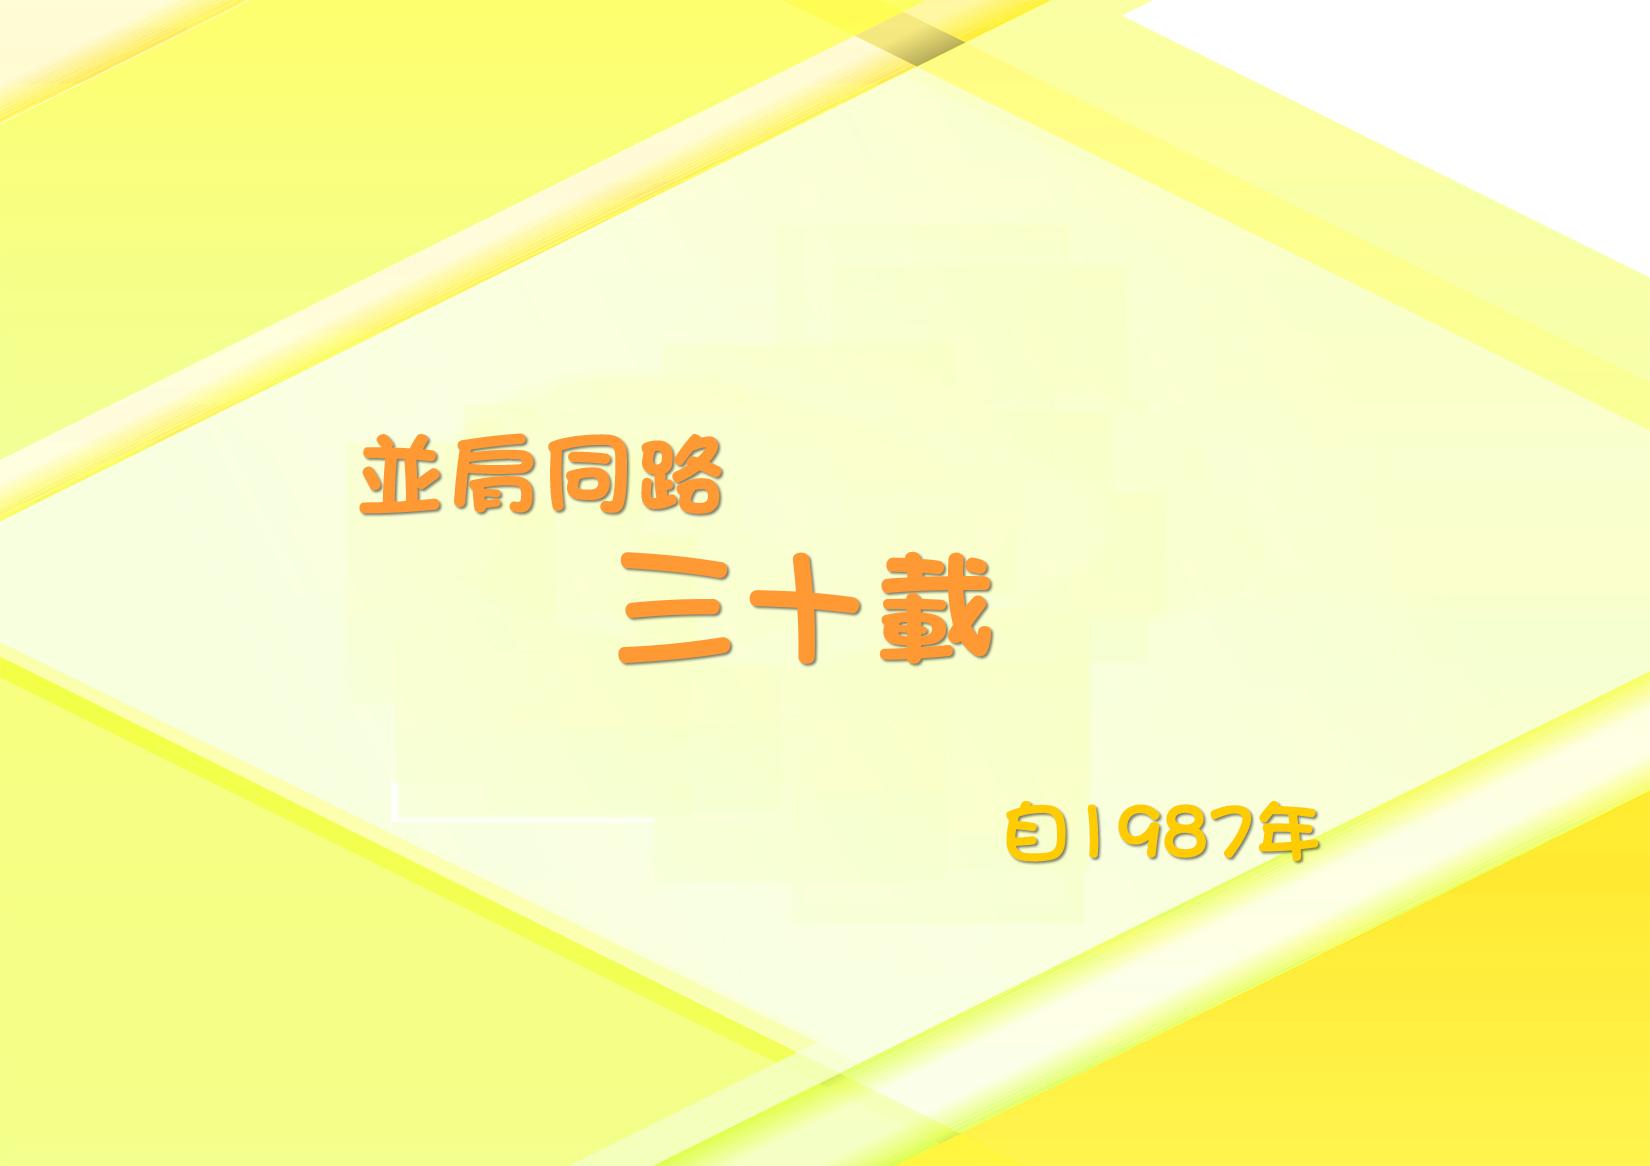 slide31-30ann-logo-opening